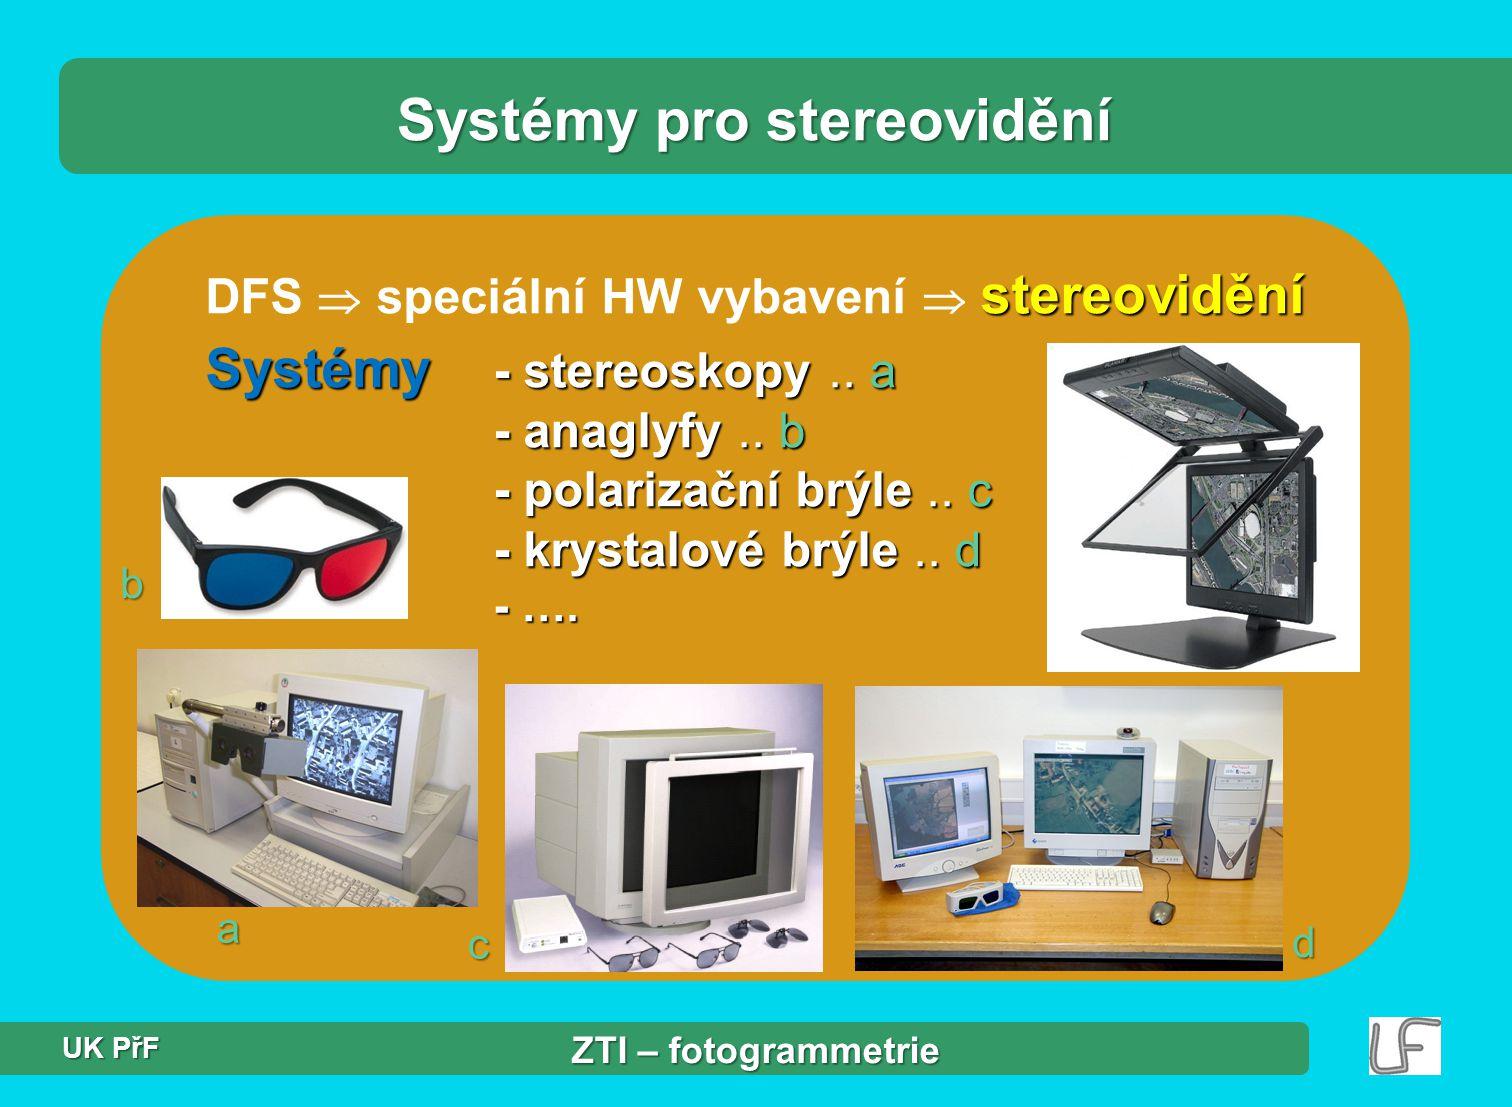 stereovidění DFS  speciální HW vybavení  stereovidění Systémy - stereoskopy..